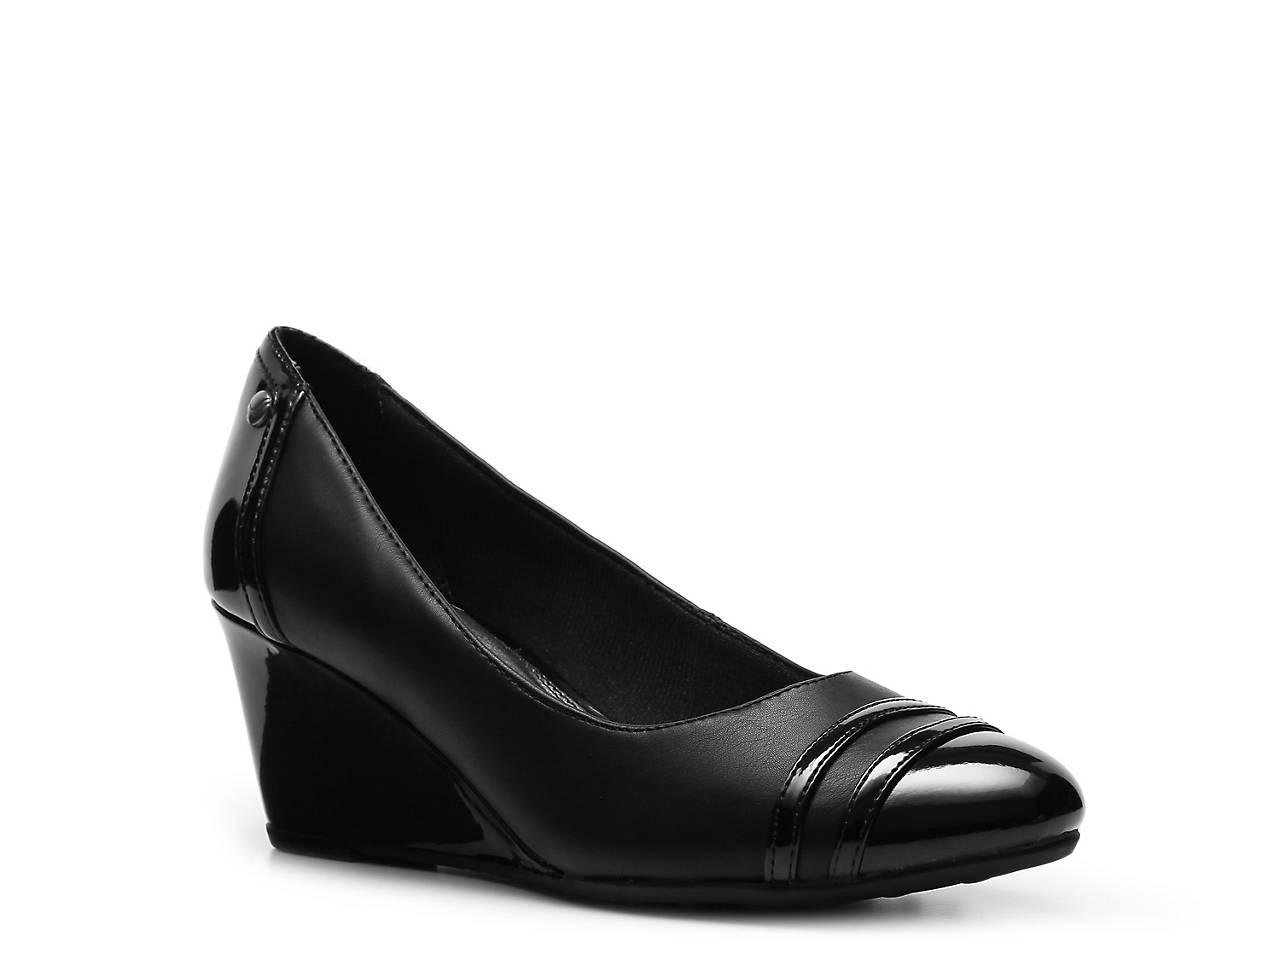 2fecdf59458a5 LifeStride Julianna Wedge Pump Women s Shoes